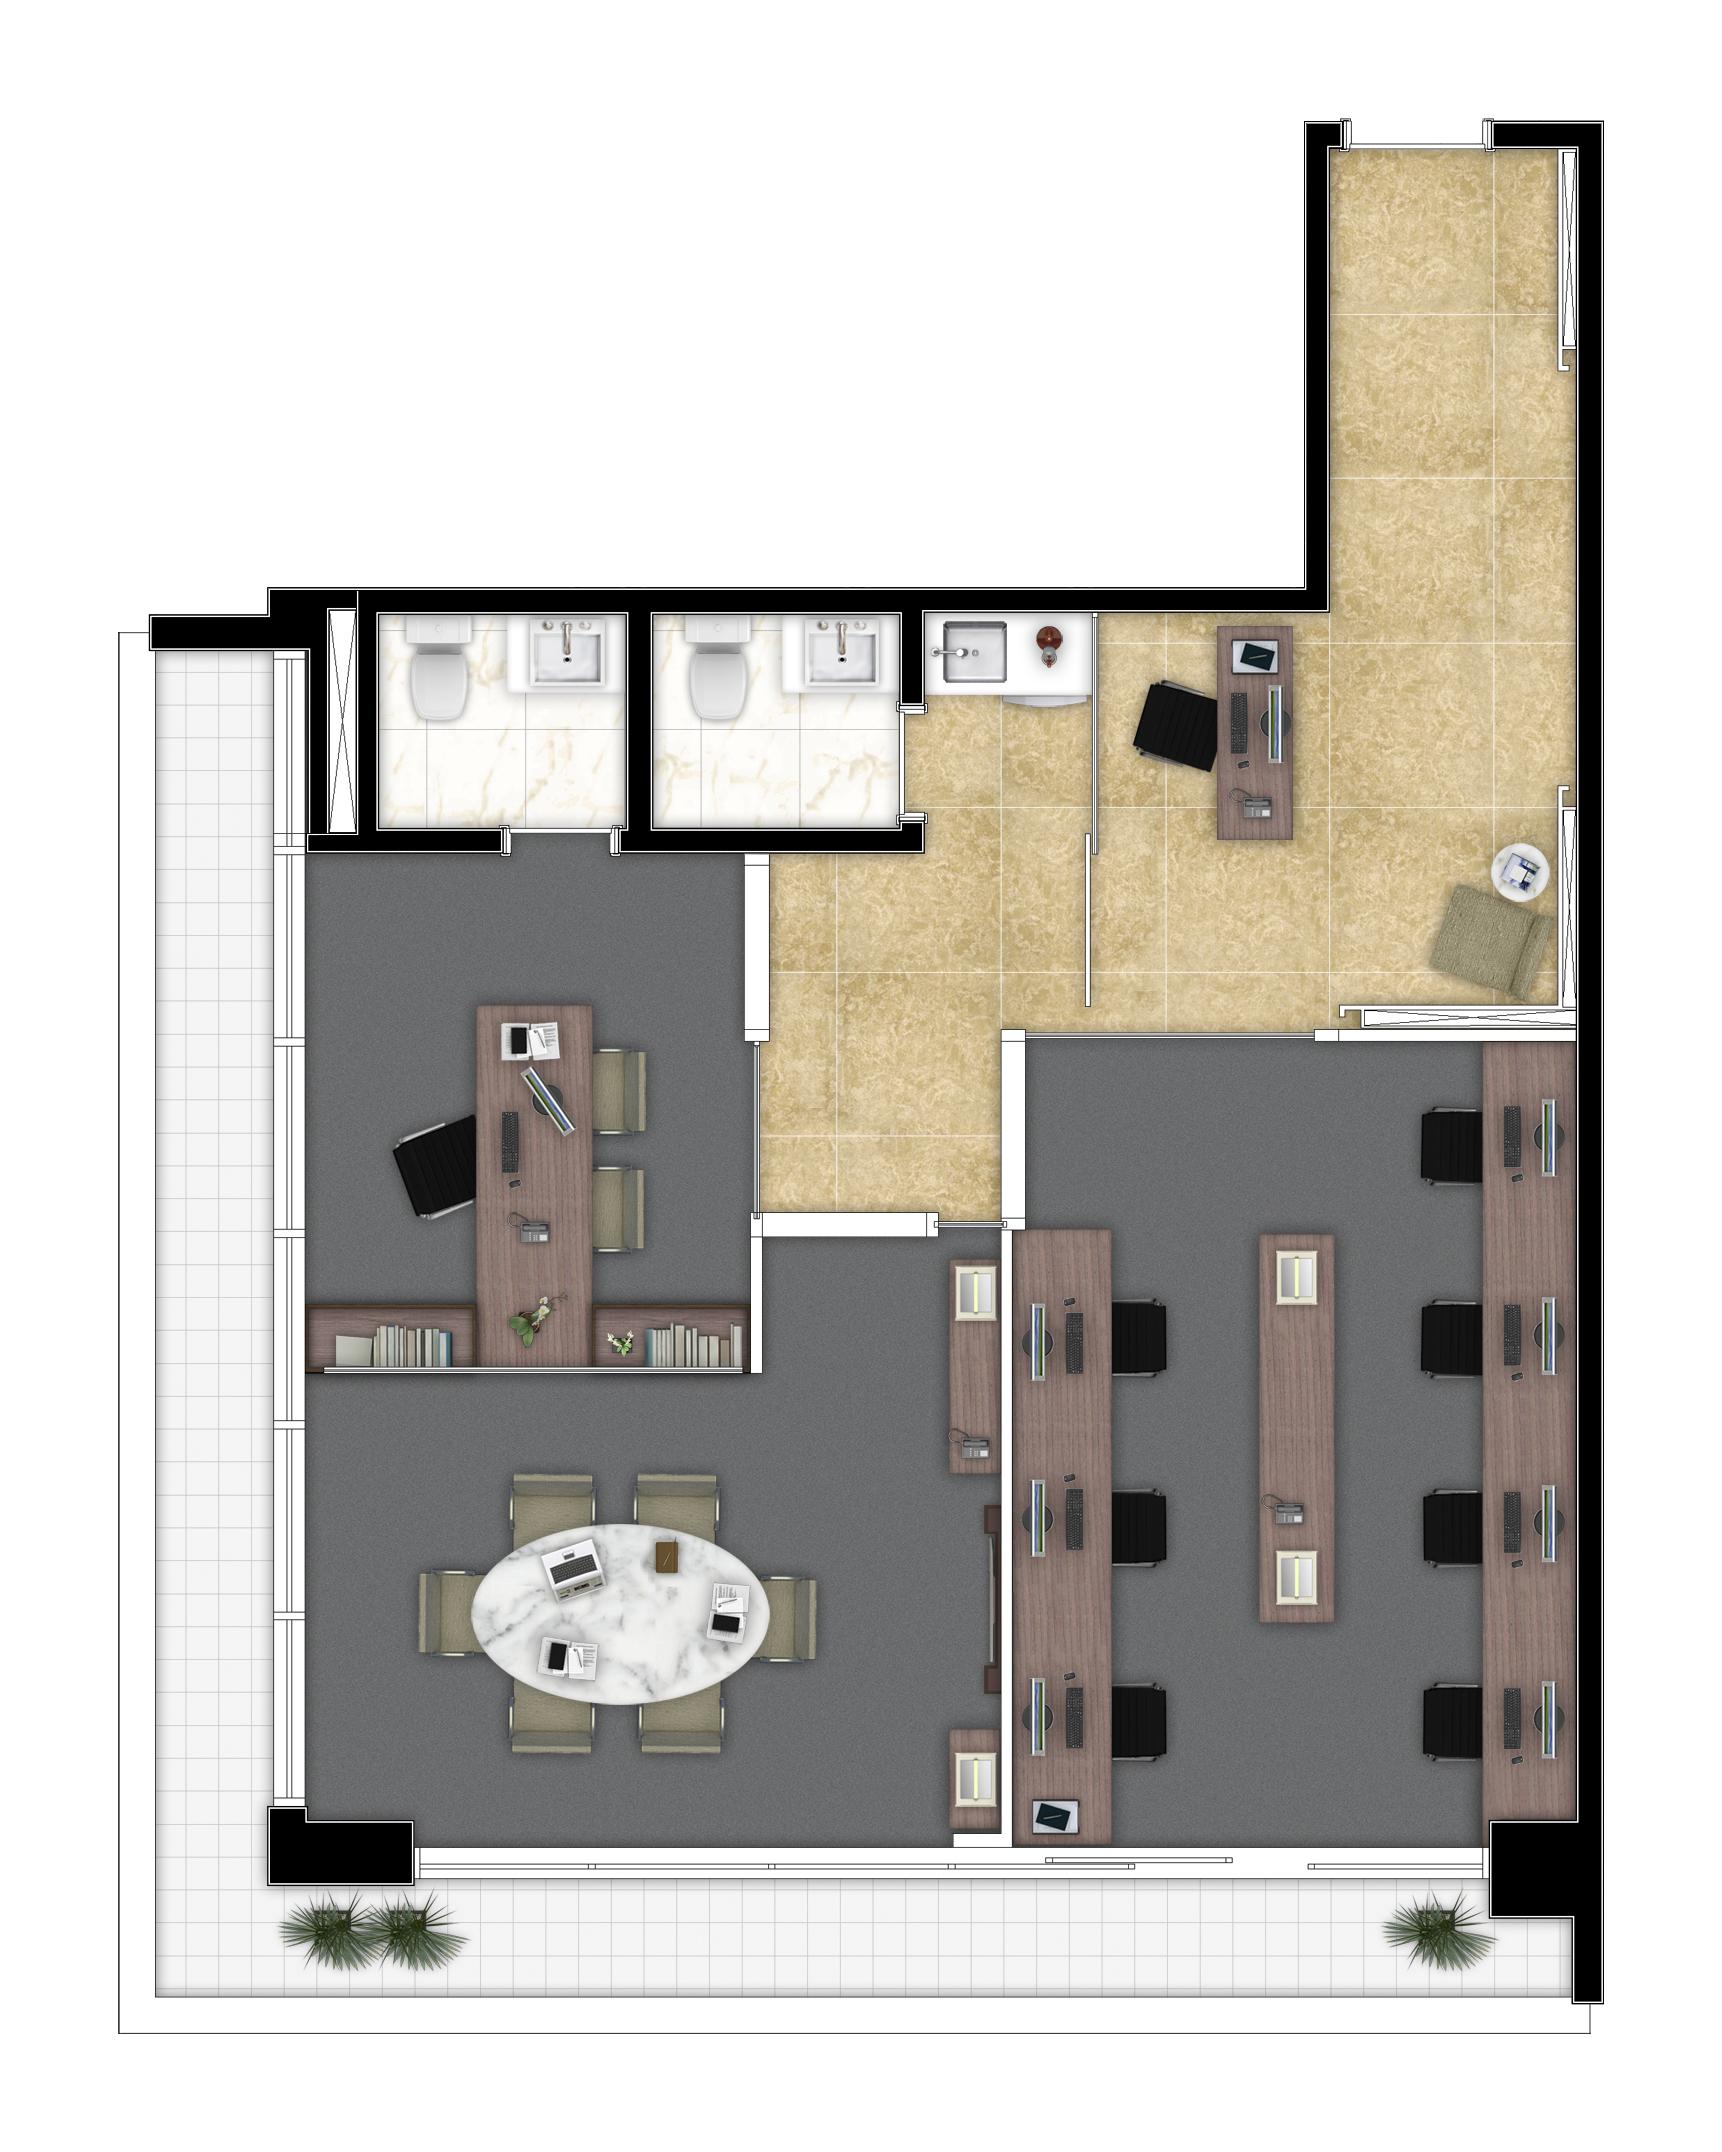 82,44 m² - Final 2